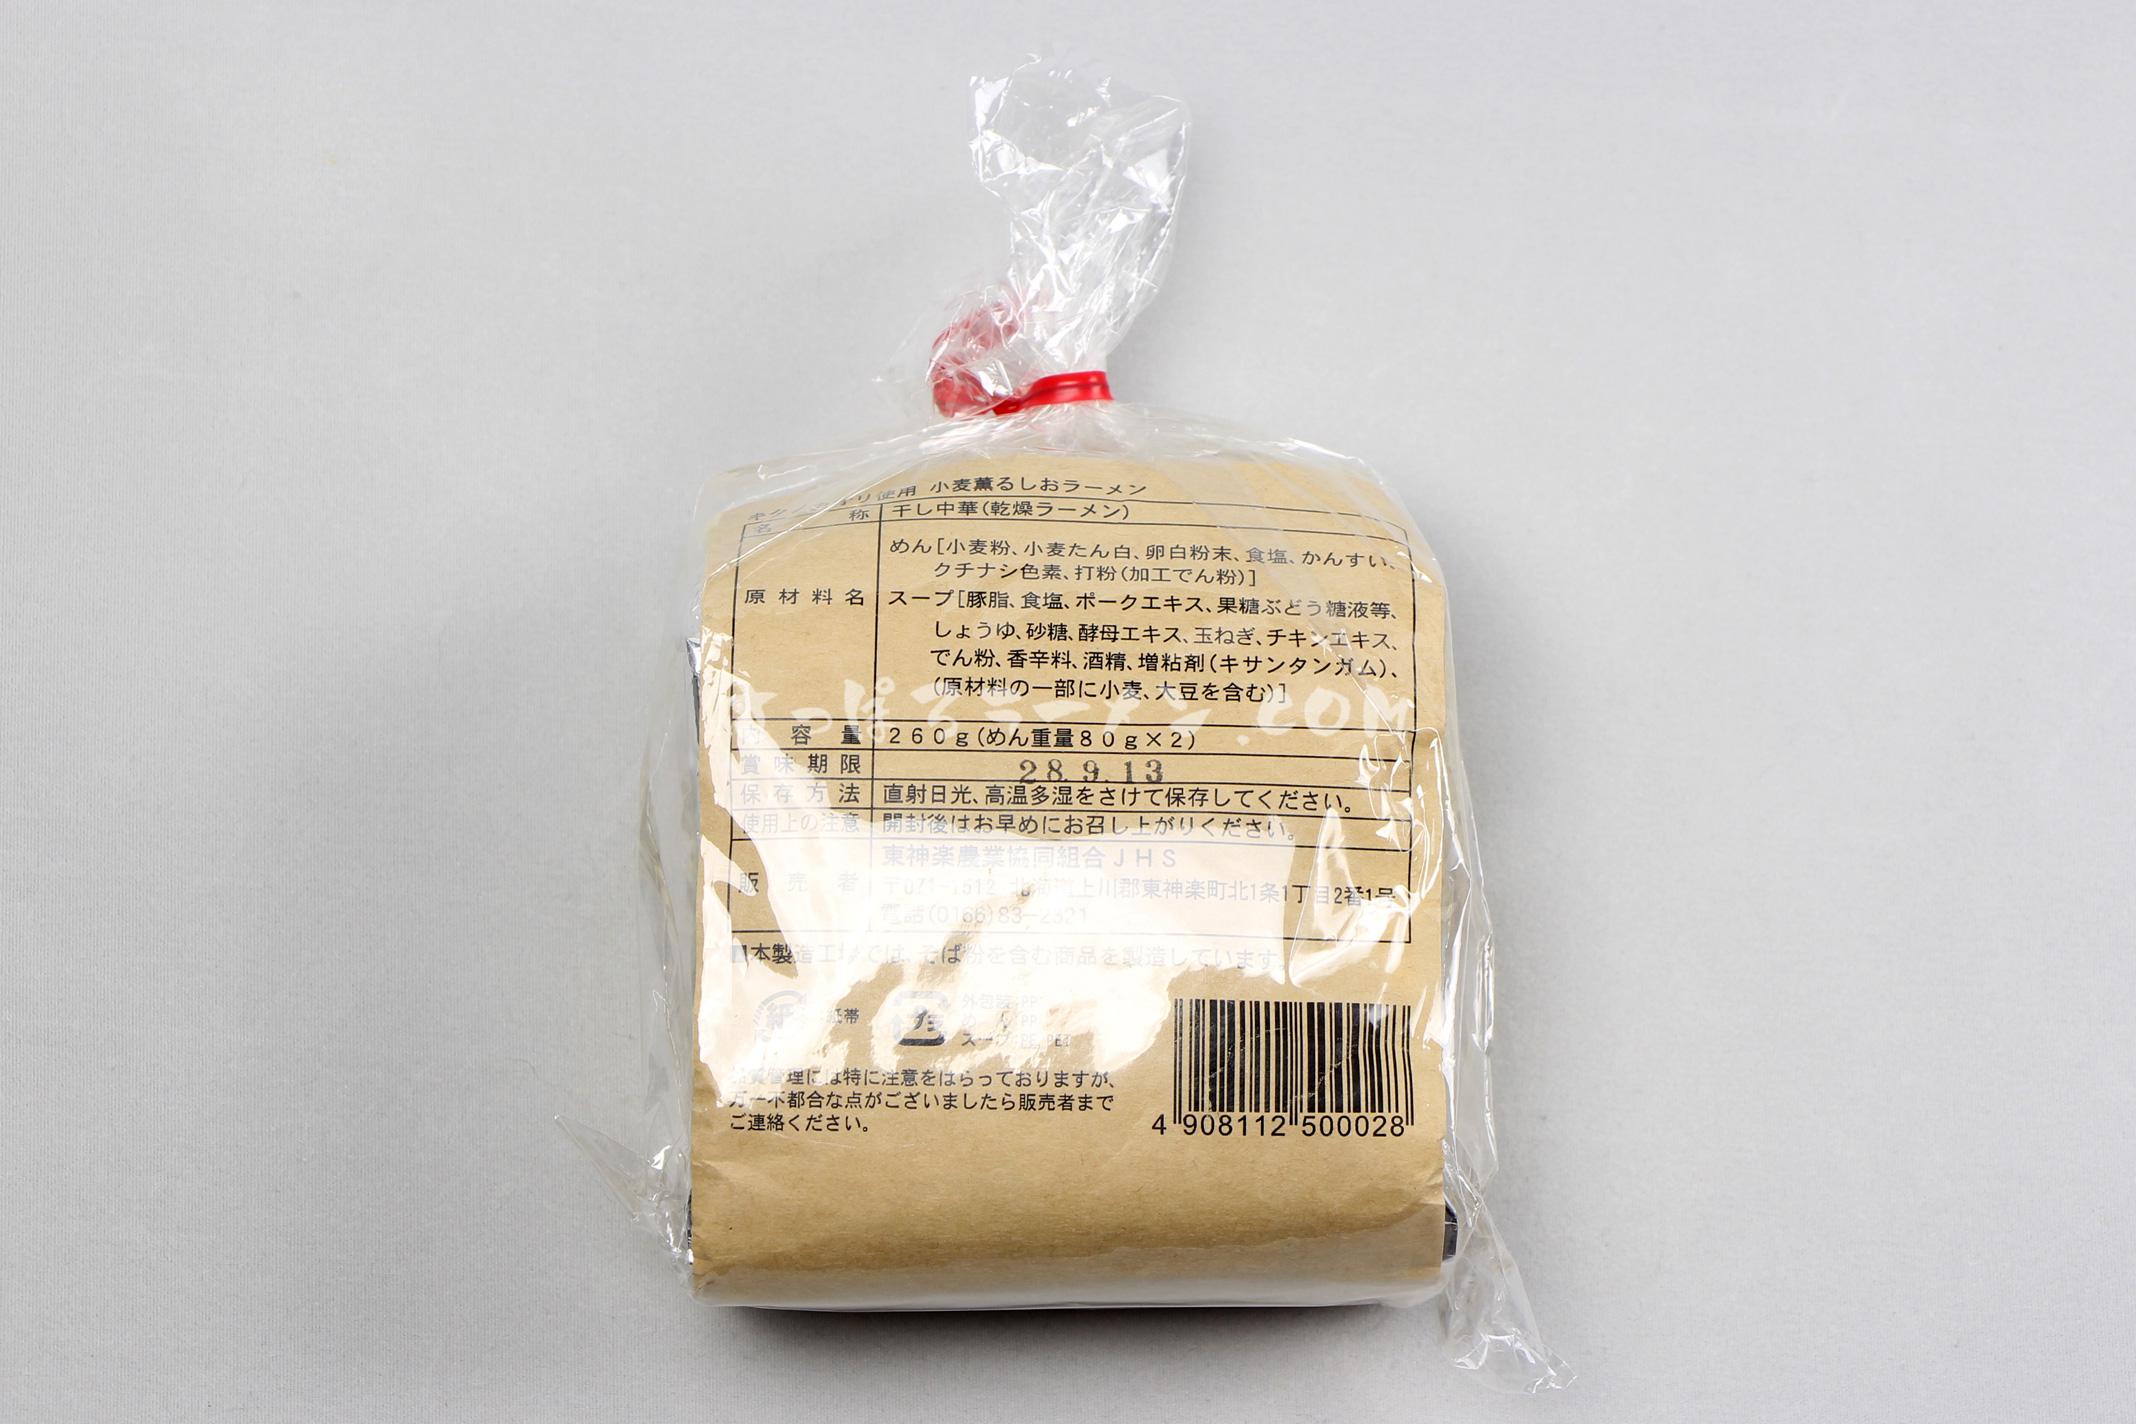 「キタノカオリ使用 小麦薫るしおラーメン」のパッケージ(裏)